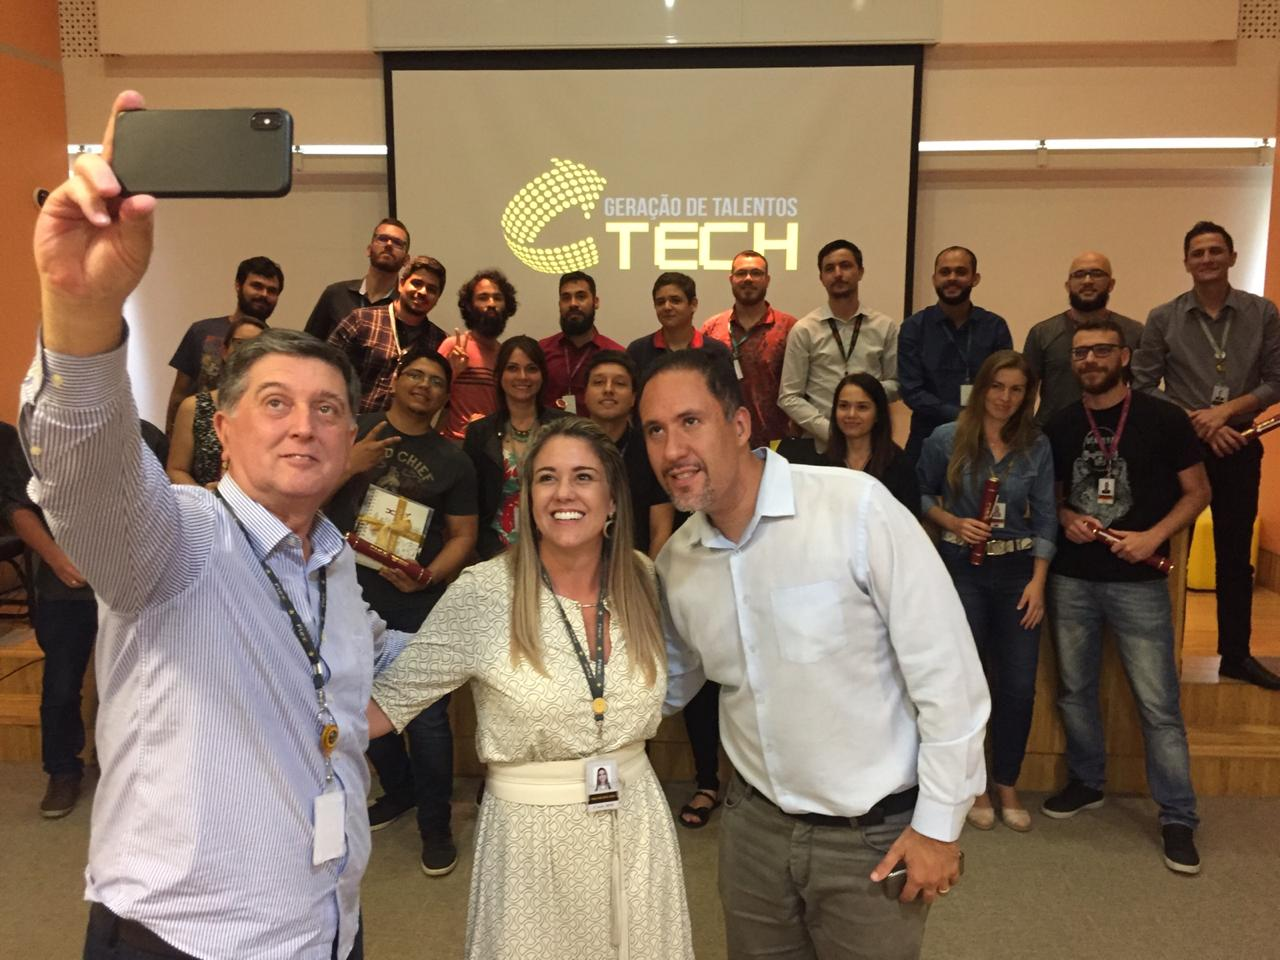 Flex forma primeira turma no Geração de Talentos Tech